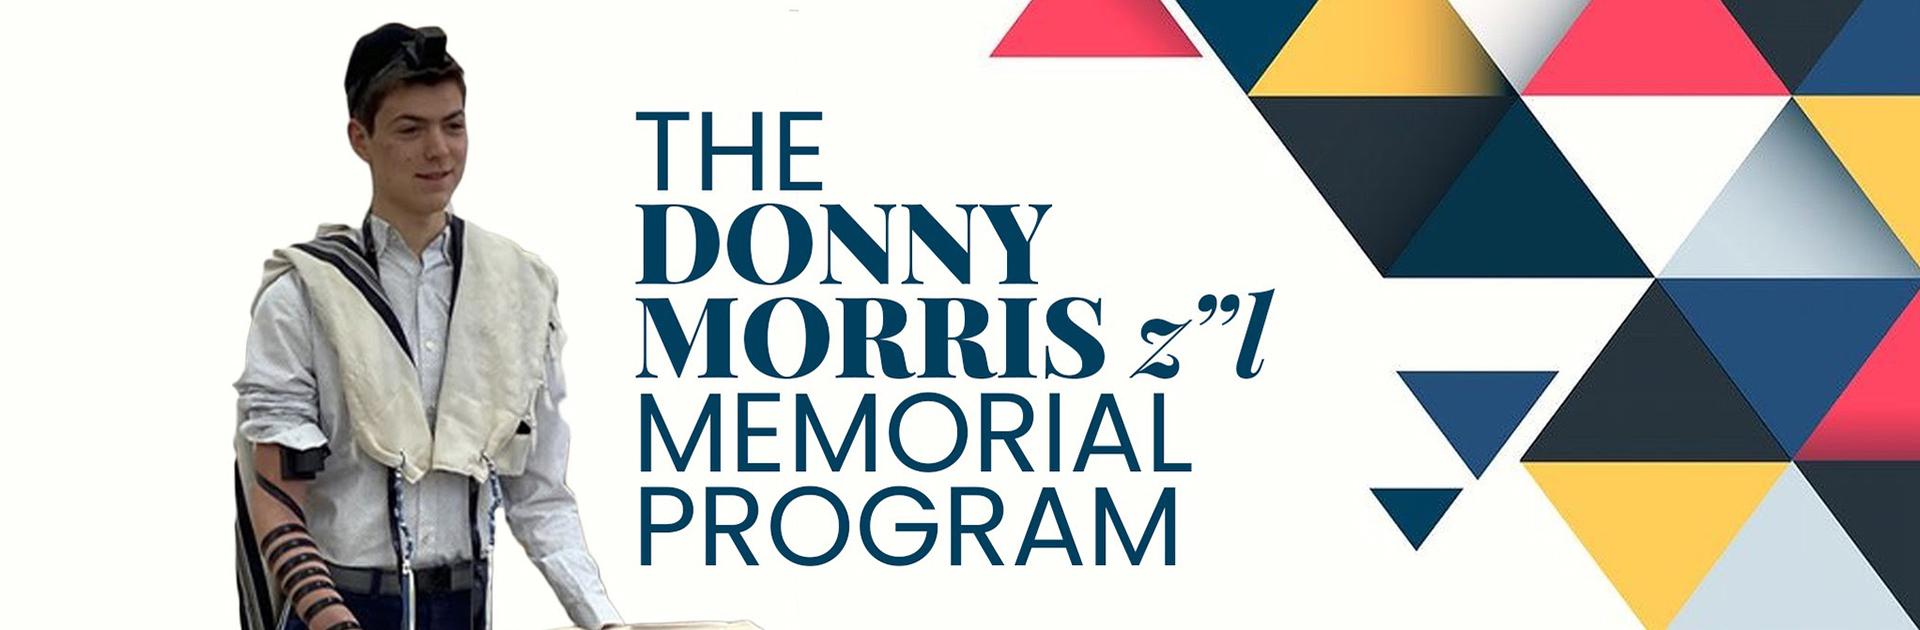 Donny Morris Z'L Memorial Program image